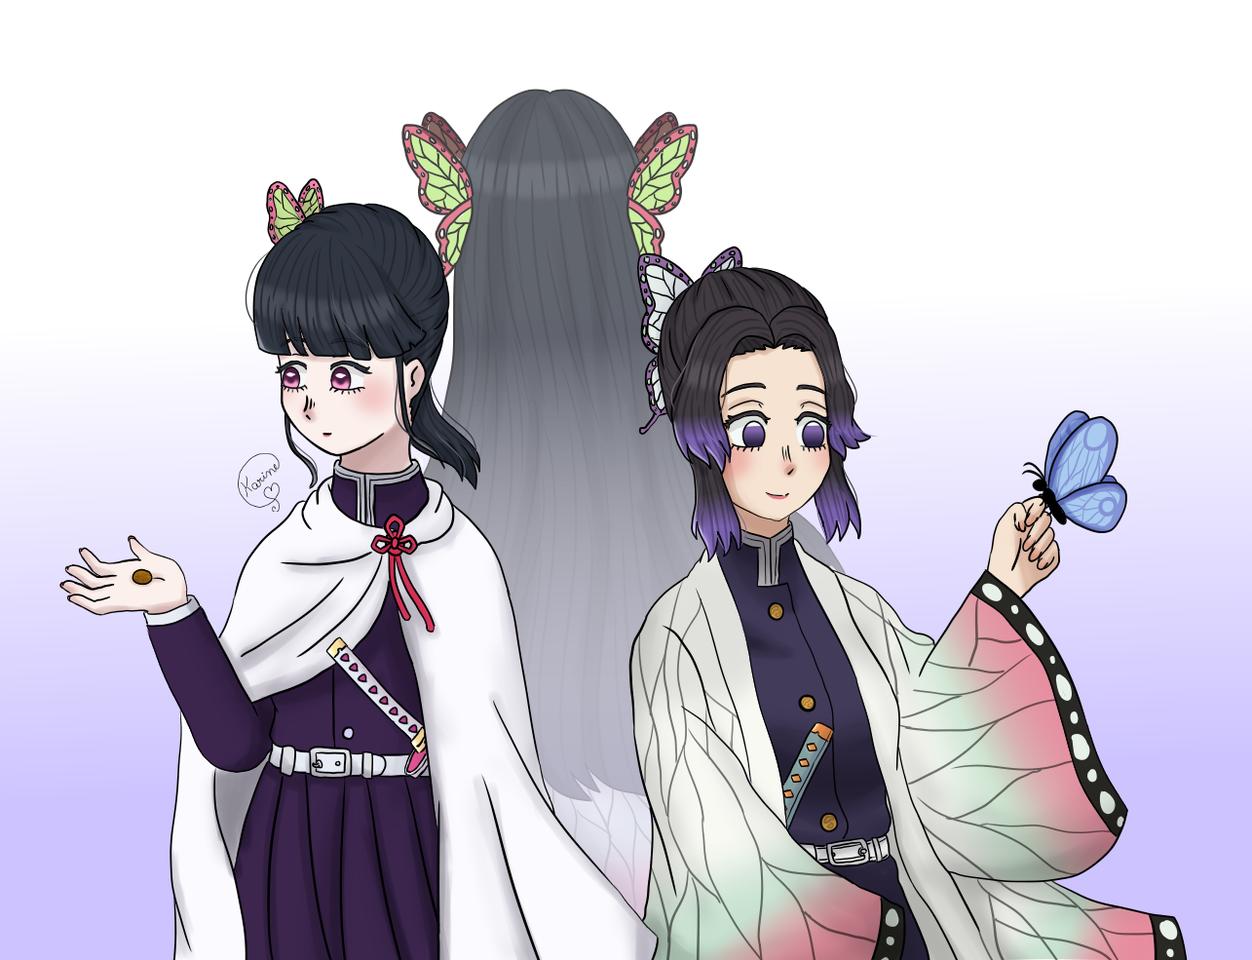 ༺❀ Kanao, Kanae & Shinobu ❀༻ Illust of KemyChan DemonSlayerFanartContest KochouShinobu animefanart kanaekochou TsuyuriKanao KimetsunoYaiba knykanao